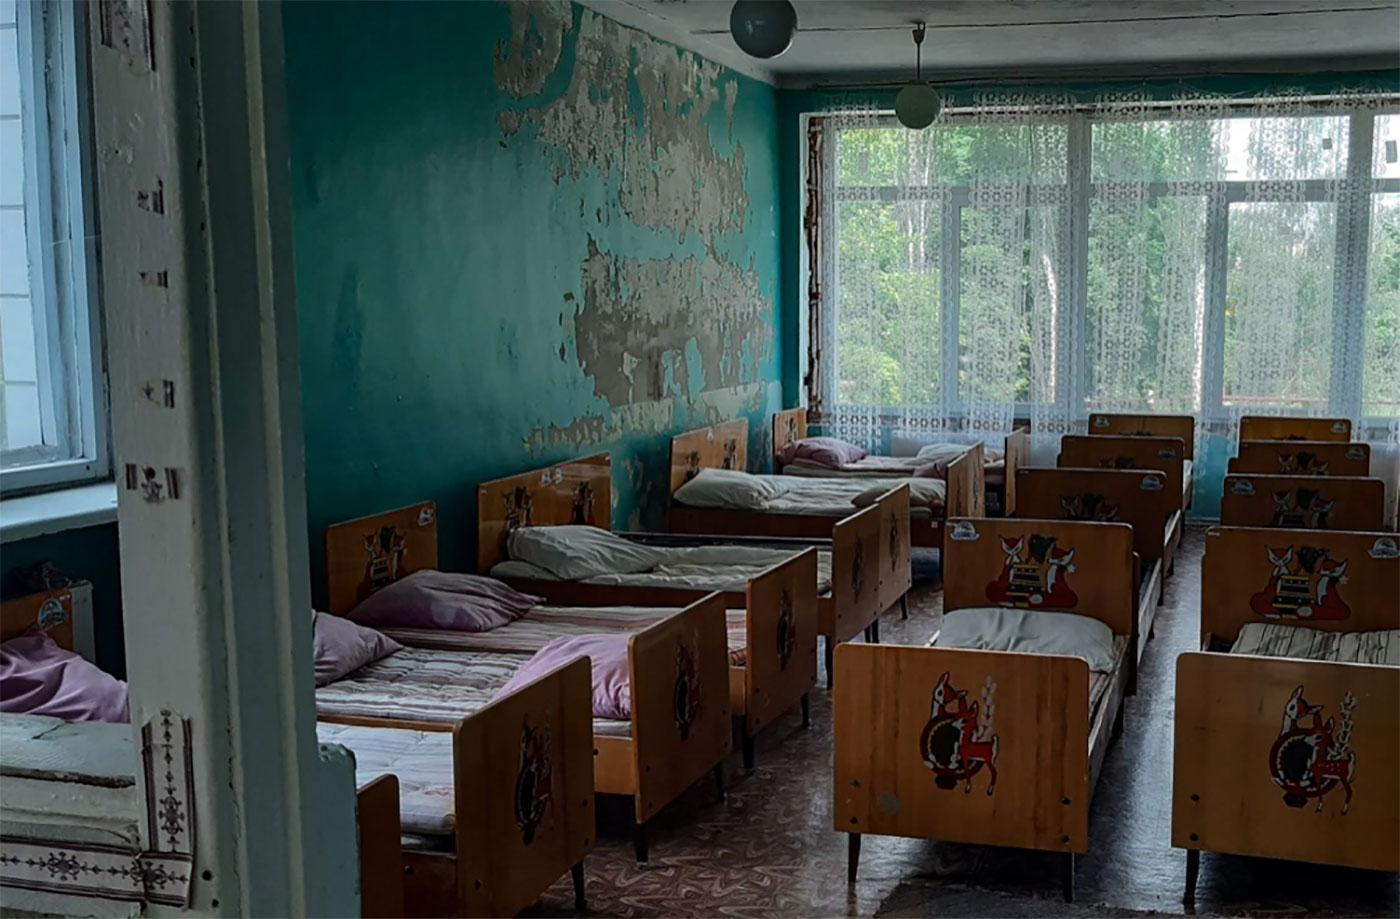 Picture of old furniture in Ukrainian kindergarten